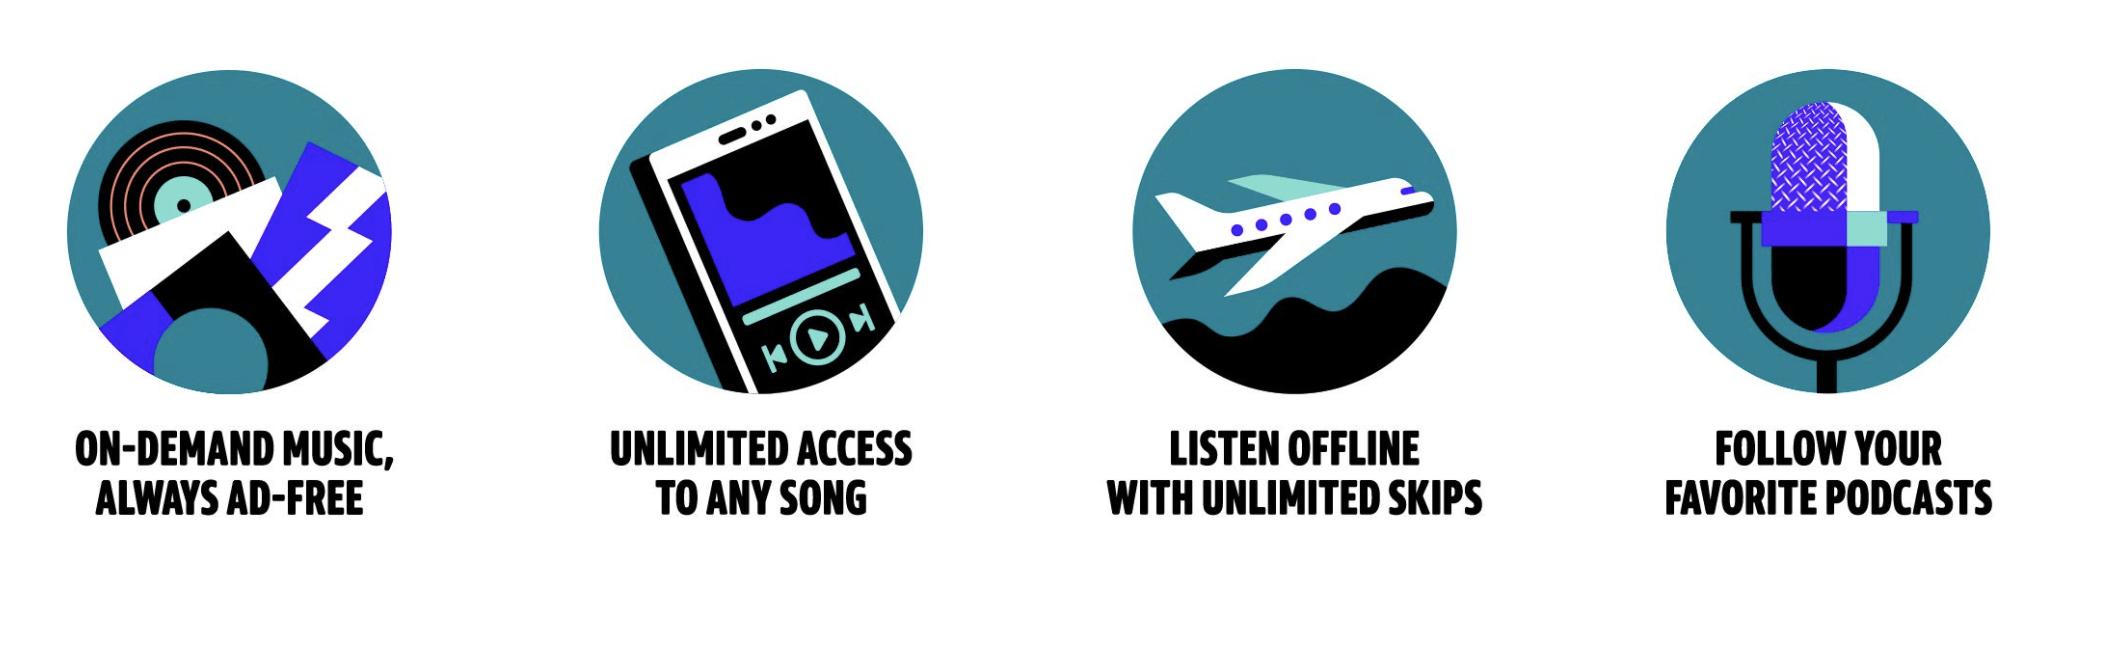 Amazon Music Benefits